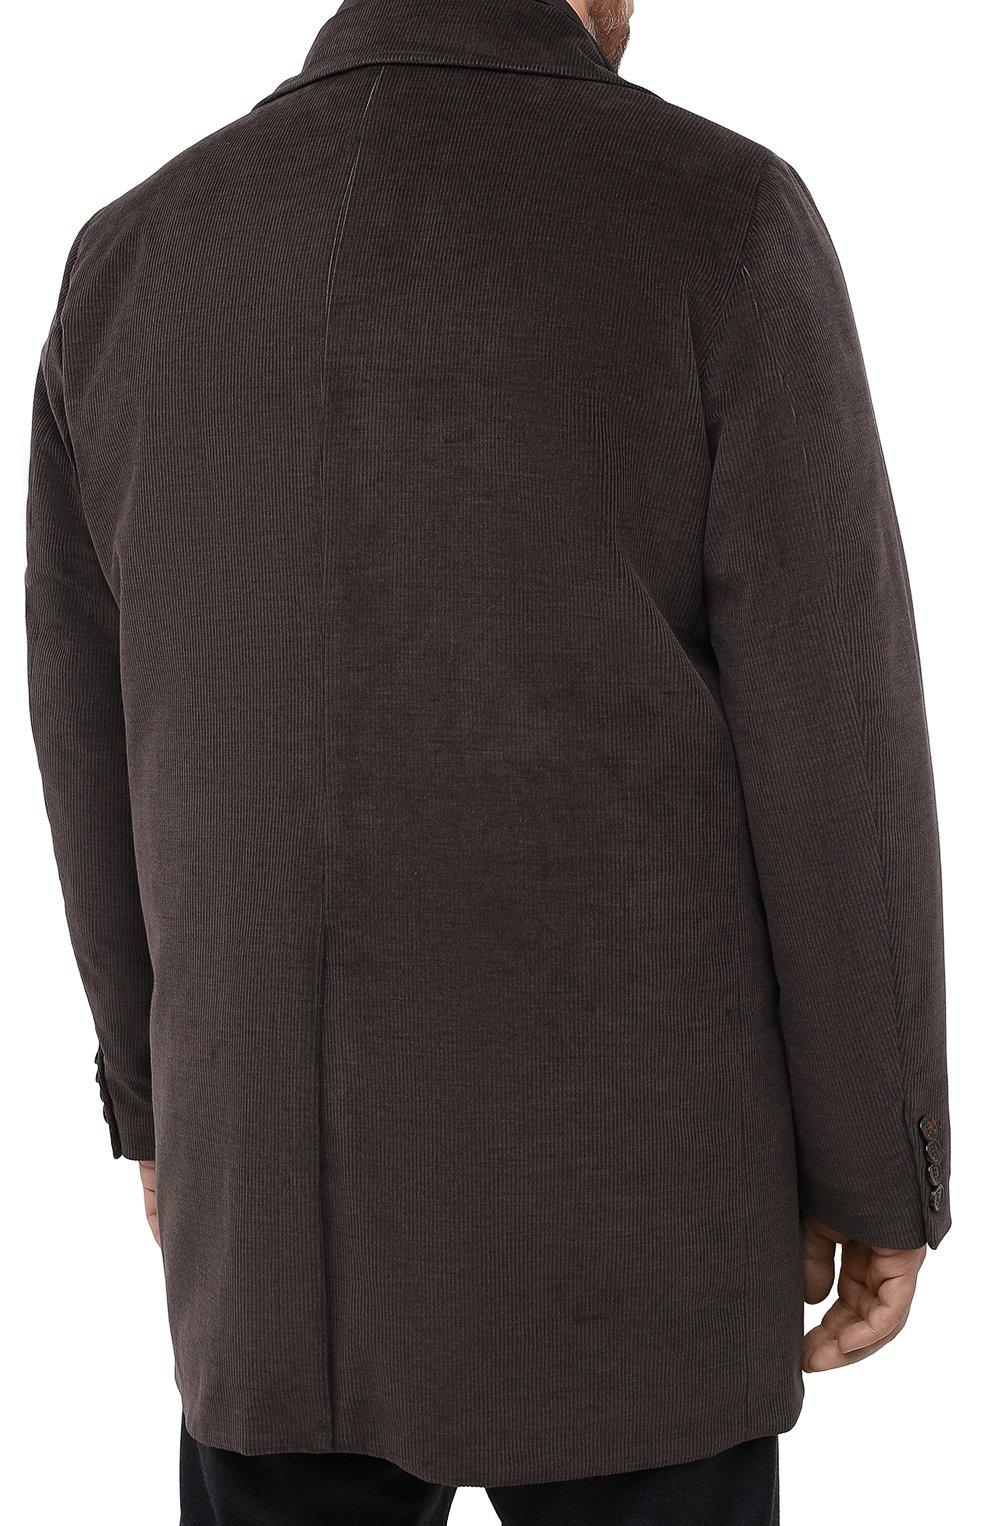 Мужской утепленное пальто из хлопка и шерсти MOORER темно-коричневого цвета, арт. M0NFERRAT0-LUS/A20M910LUSC   Фото 4 (Кросс-КТ: Куртка; Big sizes: Big Sizes; Рукава: Длинные; Материал внешний: Хлопок; Мужское Кросс-КТ: Куртка-верхняя одежда, Верхняя одежда, пальто-верхняя одежда; Материал подклада: Синтетический материал; Стили: Кэжуэл)